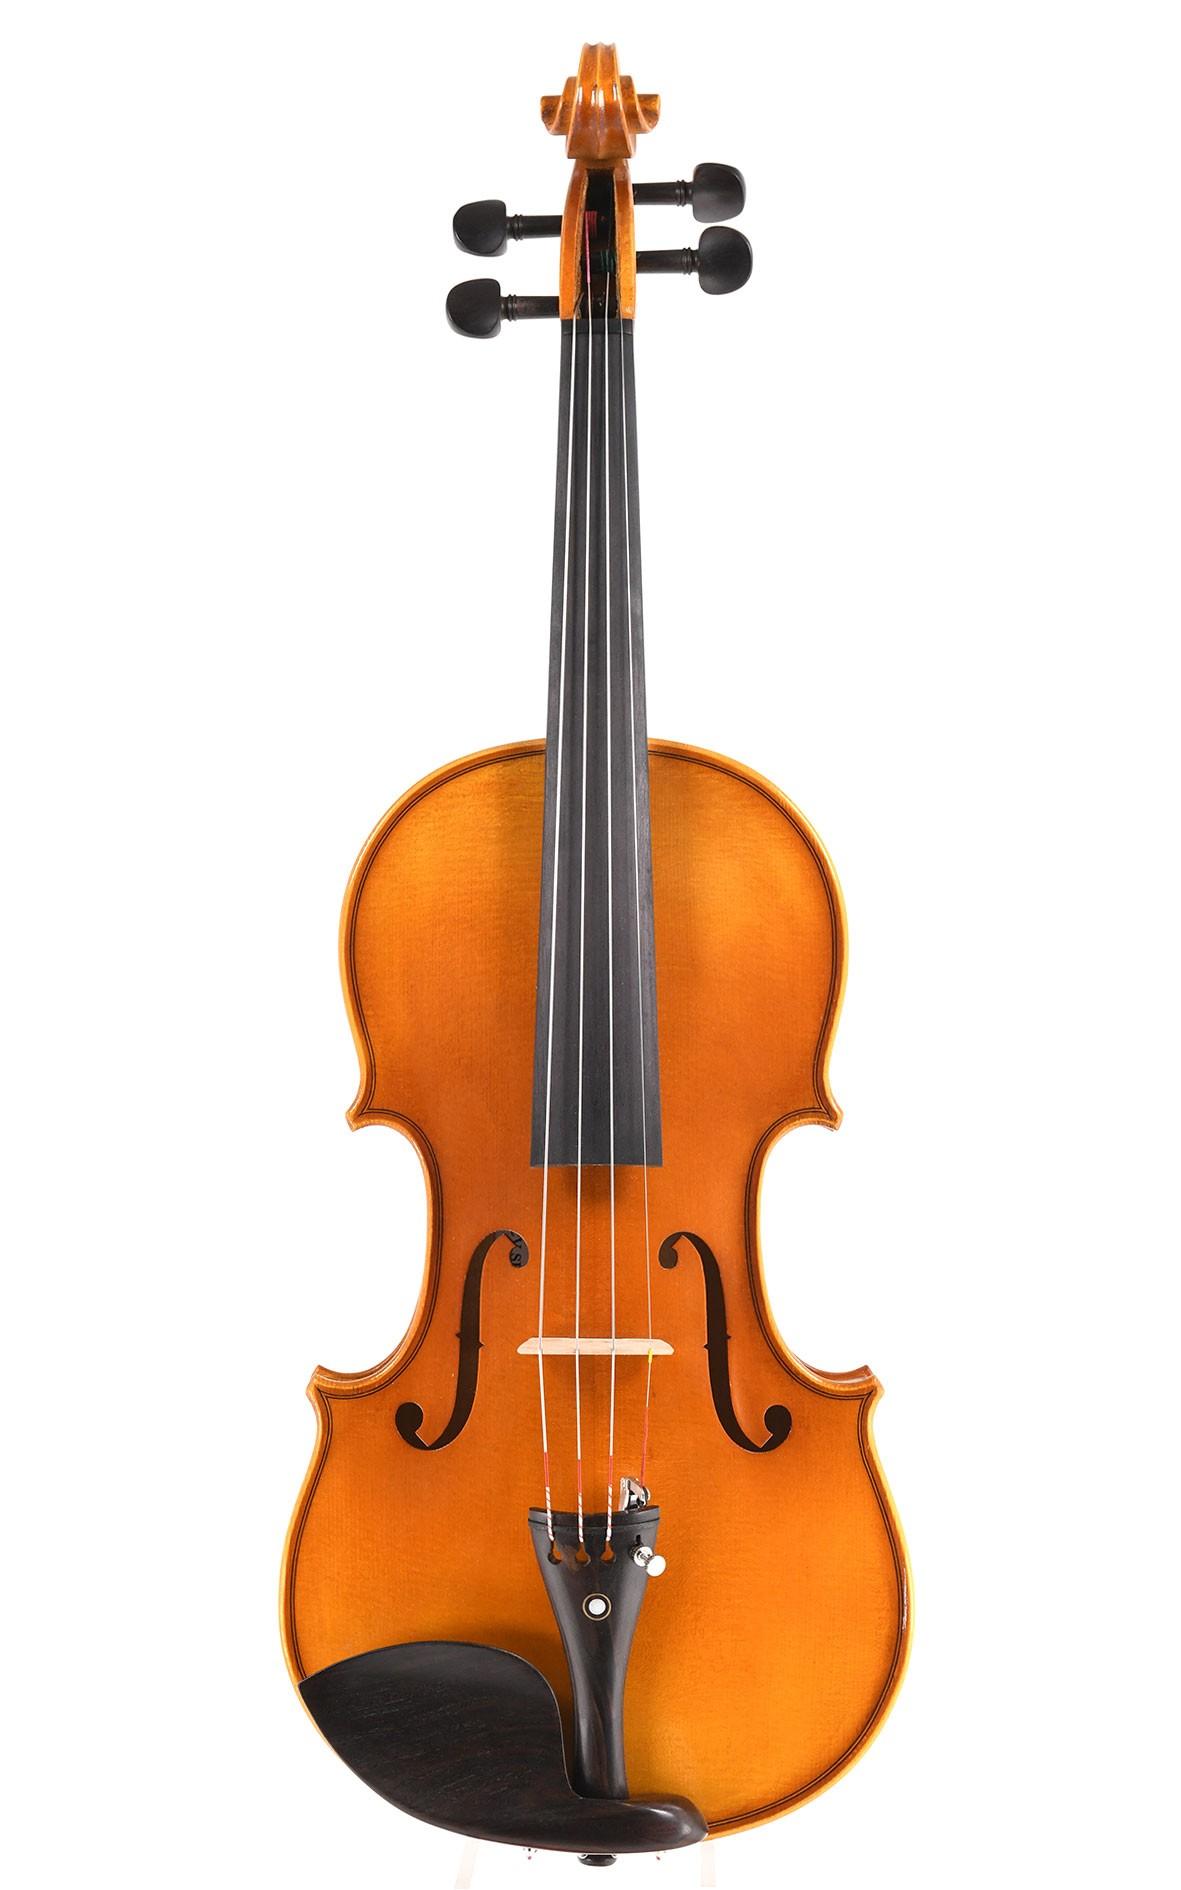 Violon - d'après Stradivari, violon d'atelier